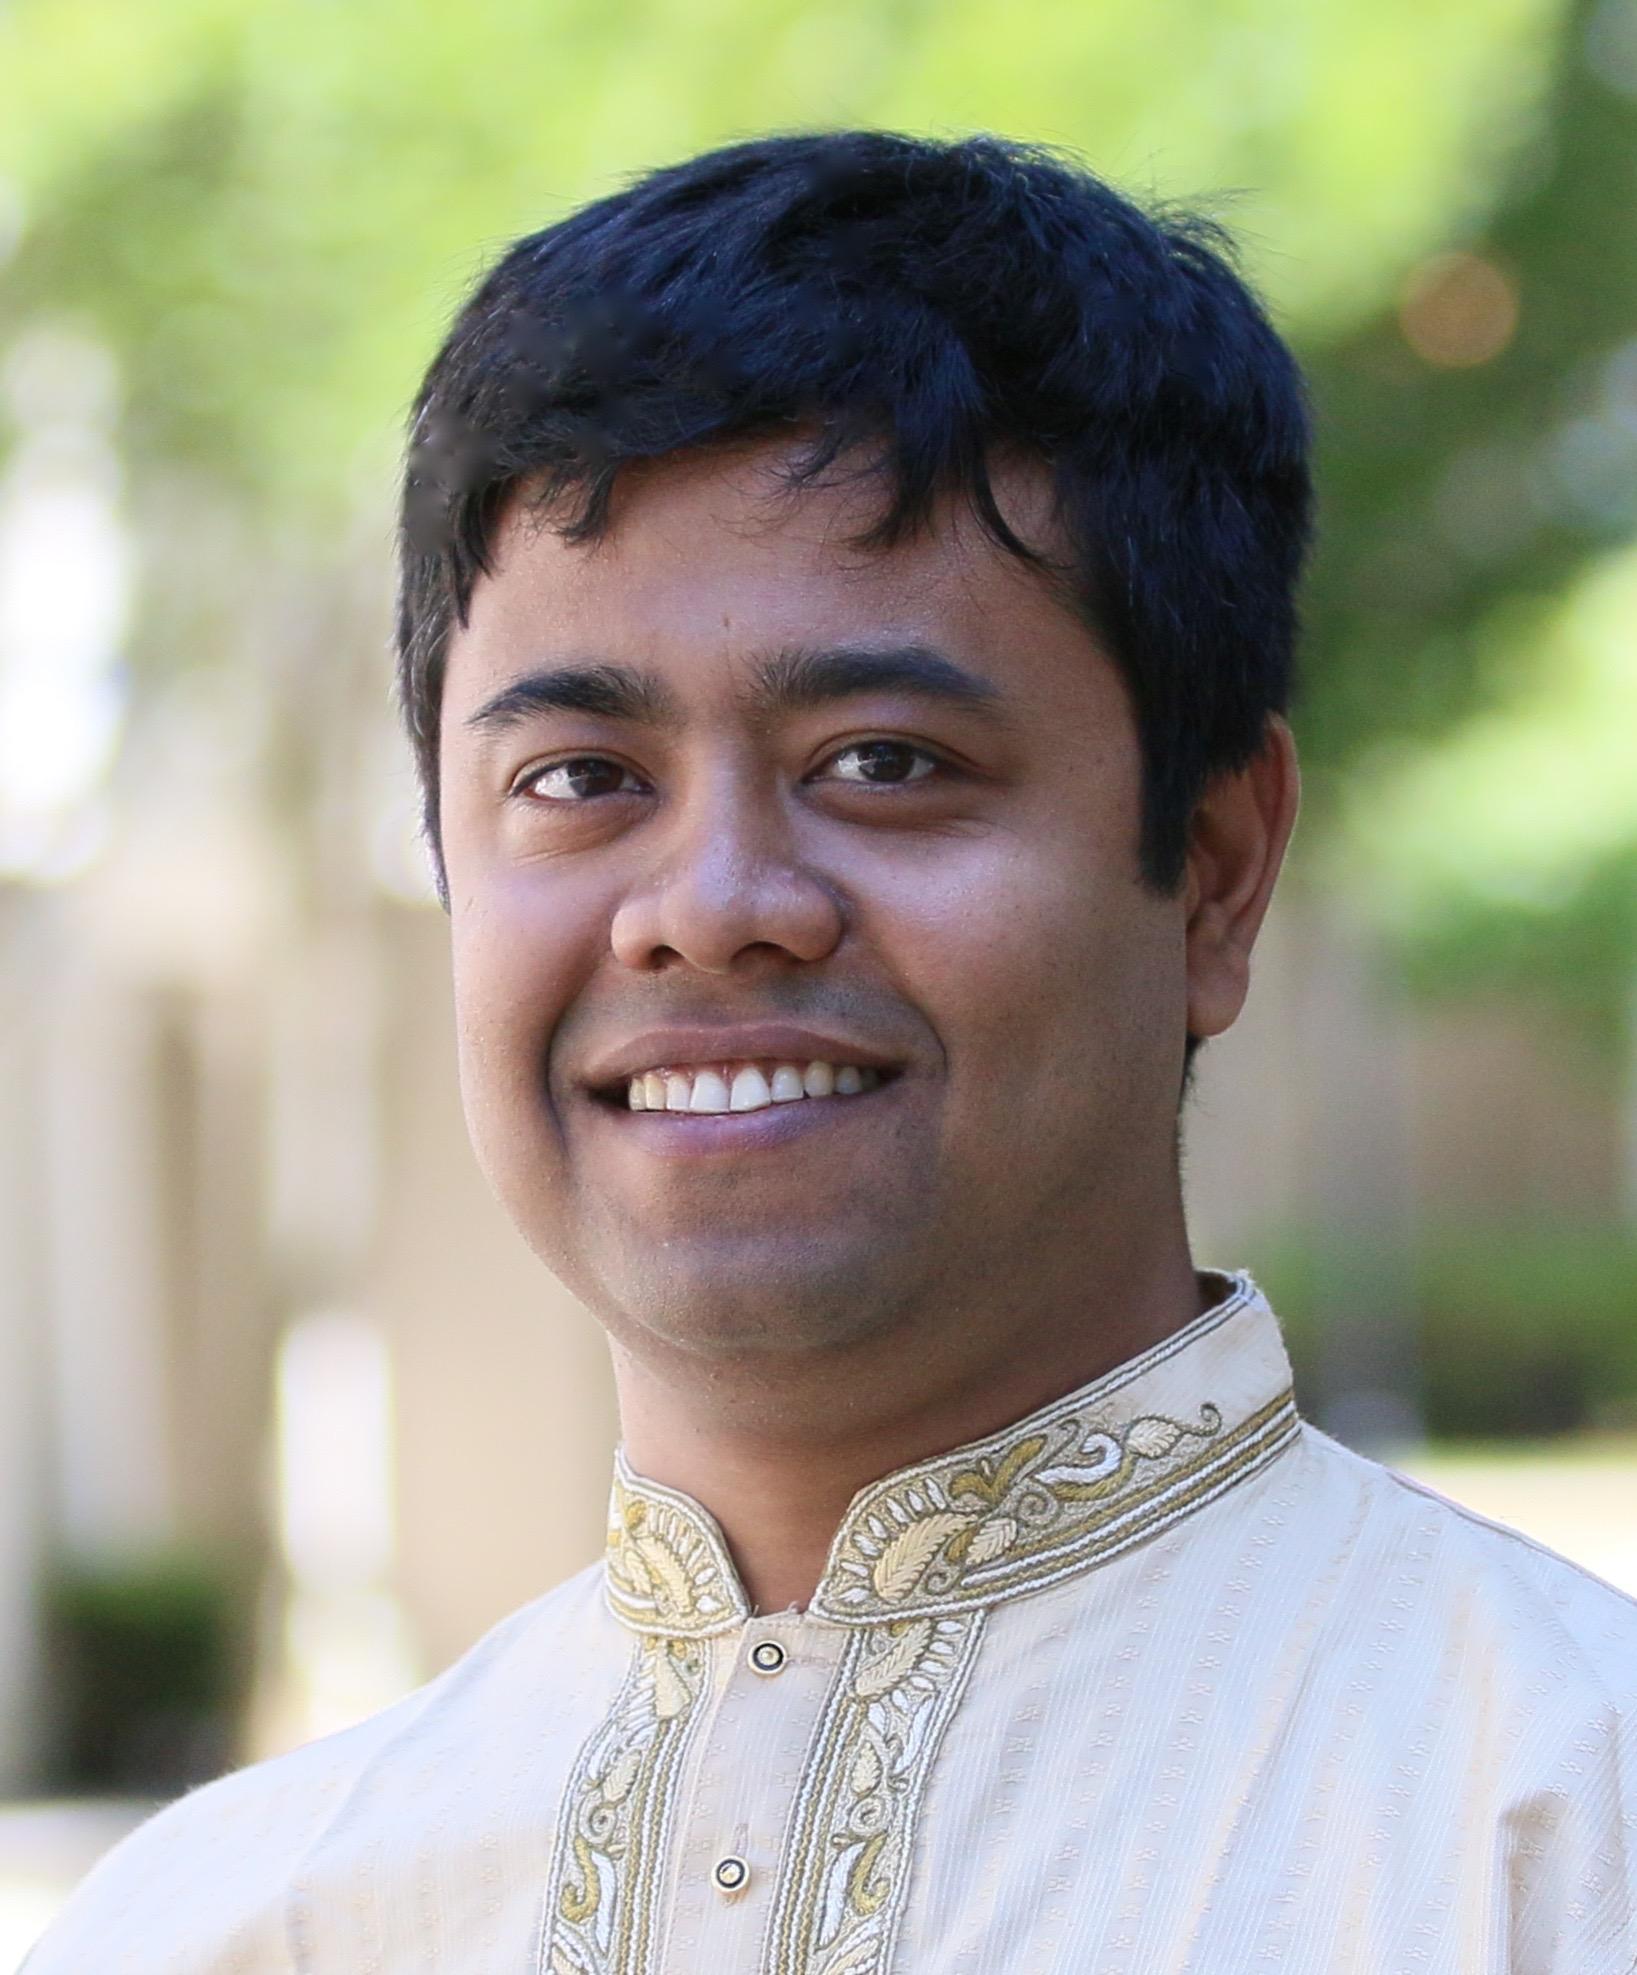 Dr. B. M. Mainul Hossain (Raju)